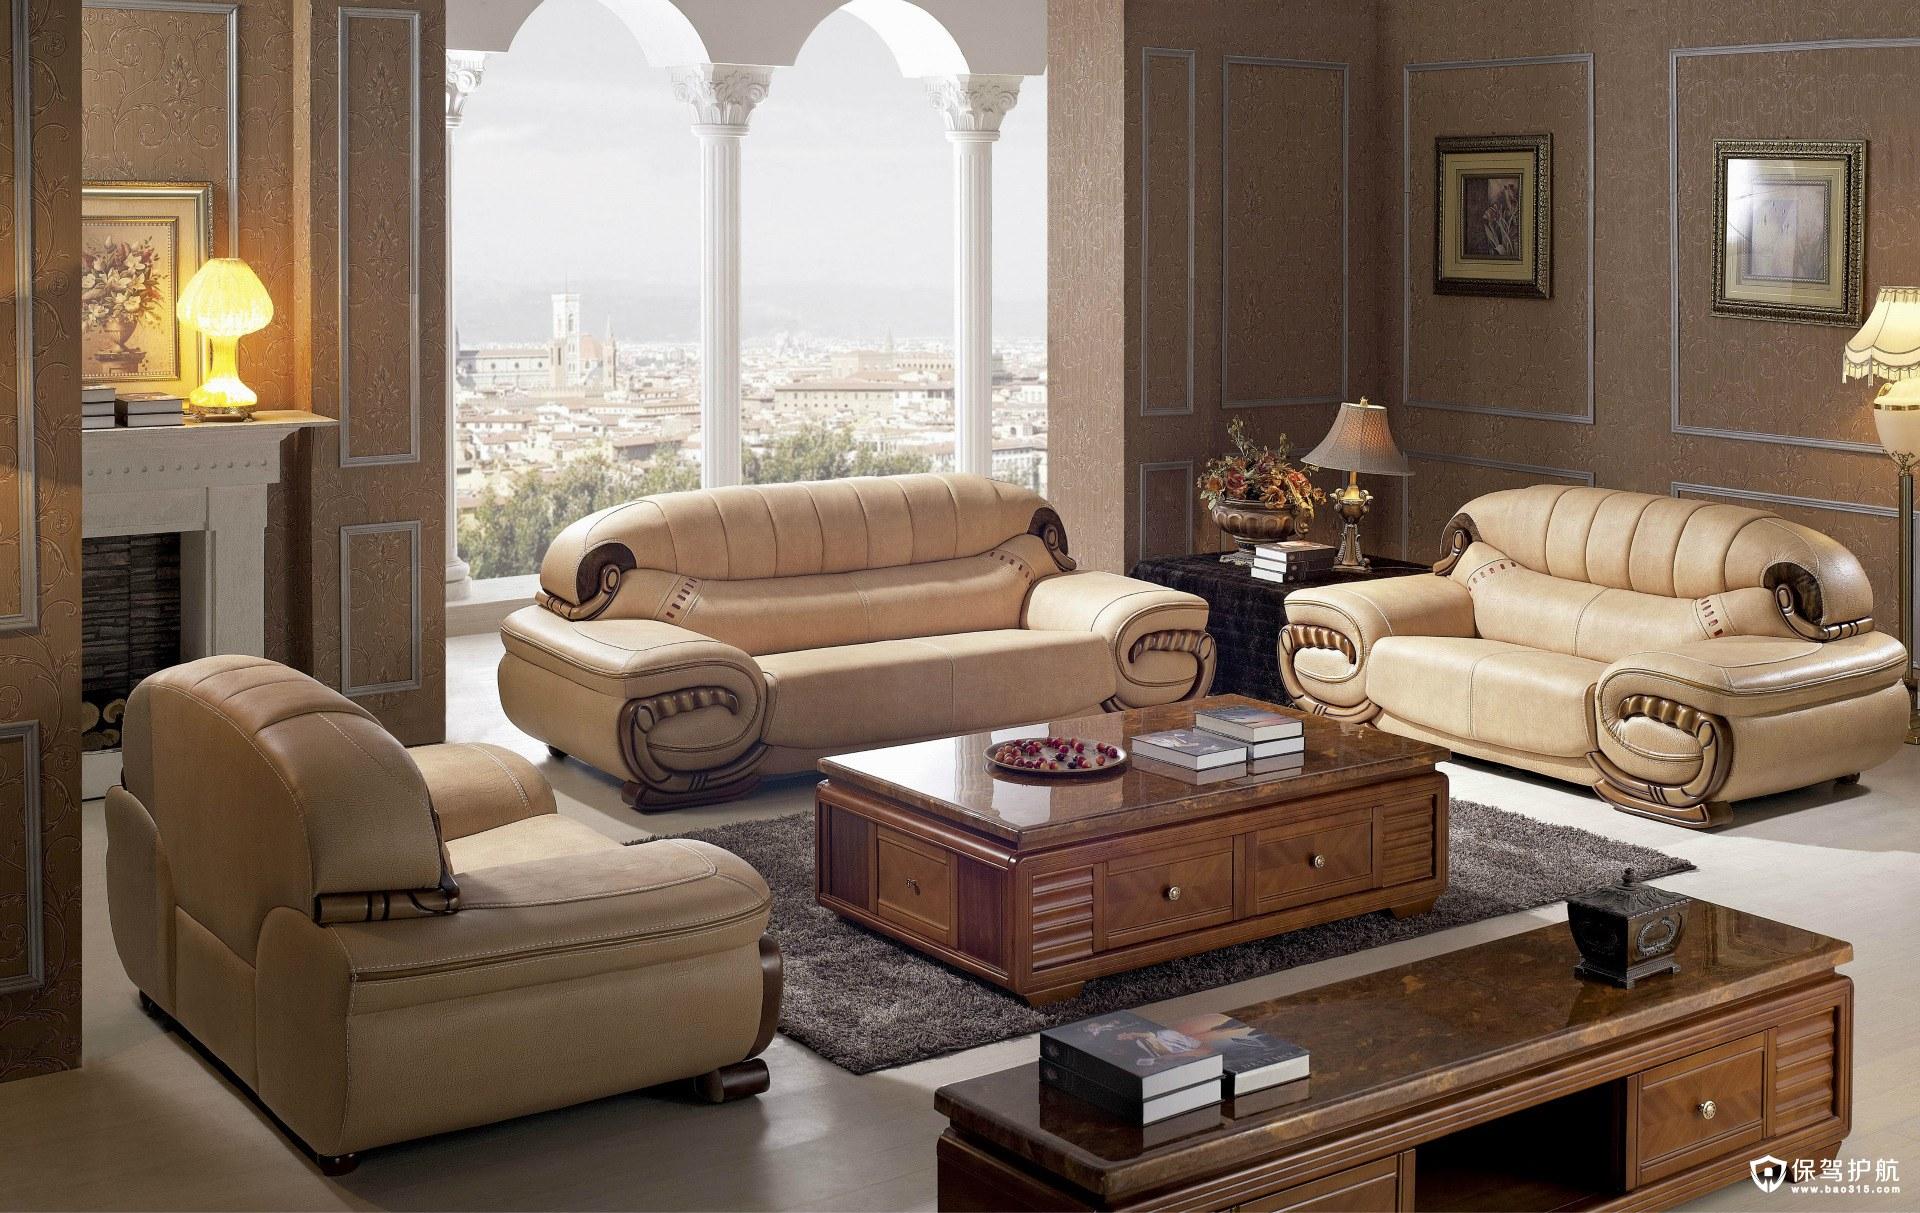 销售欧式高档家具为主,凯撒豪庭欧式品牌家具,继承了传统欧式家具品质